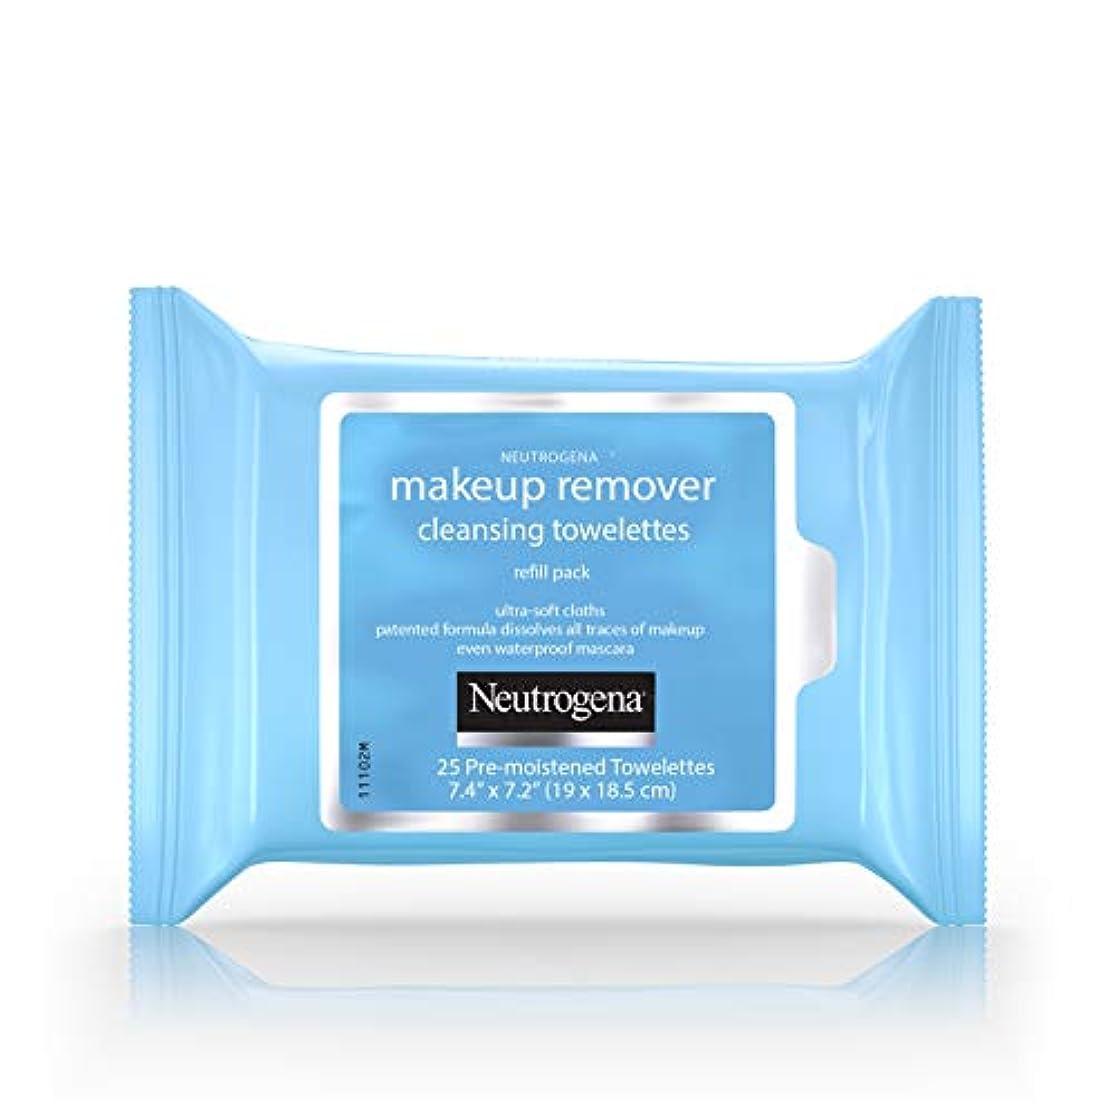 先信号誤解Neutrogena Make-up Remover Cleansing Towelettes Refill Pack 25 Pc (並行輸入品)